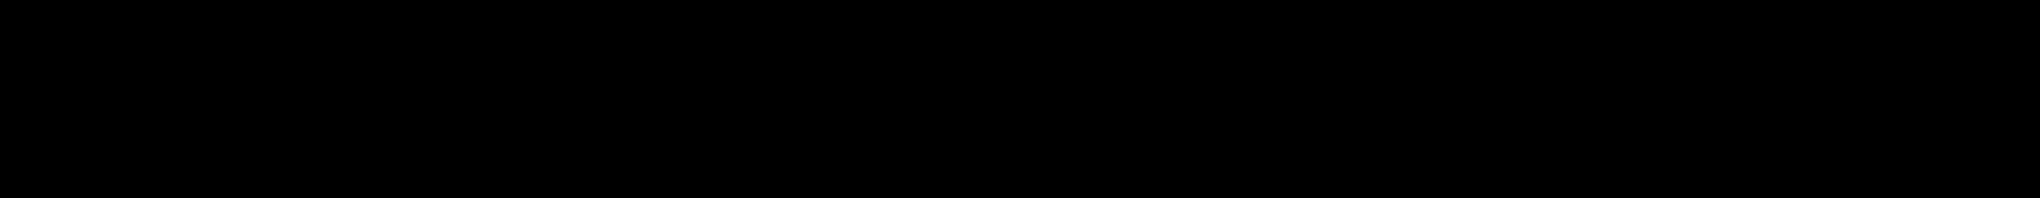 logo_Finetail_Banshee